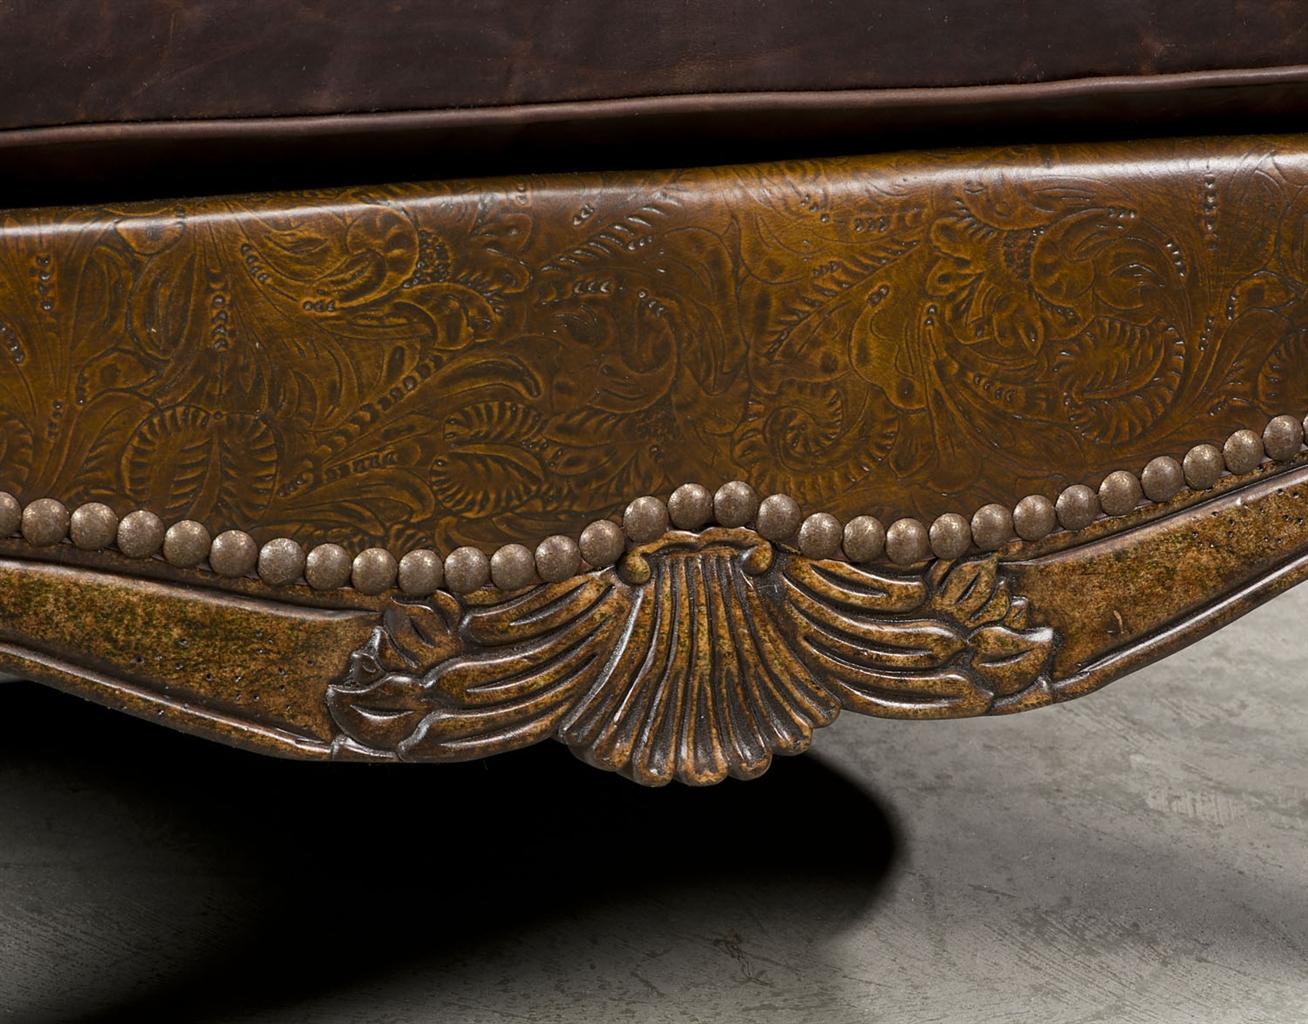 Western Rustic Luxury Hair Hide Chair. 49